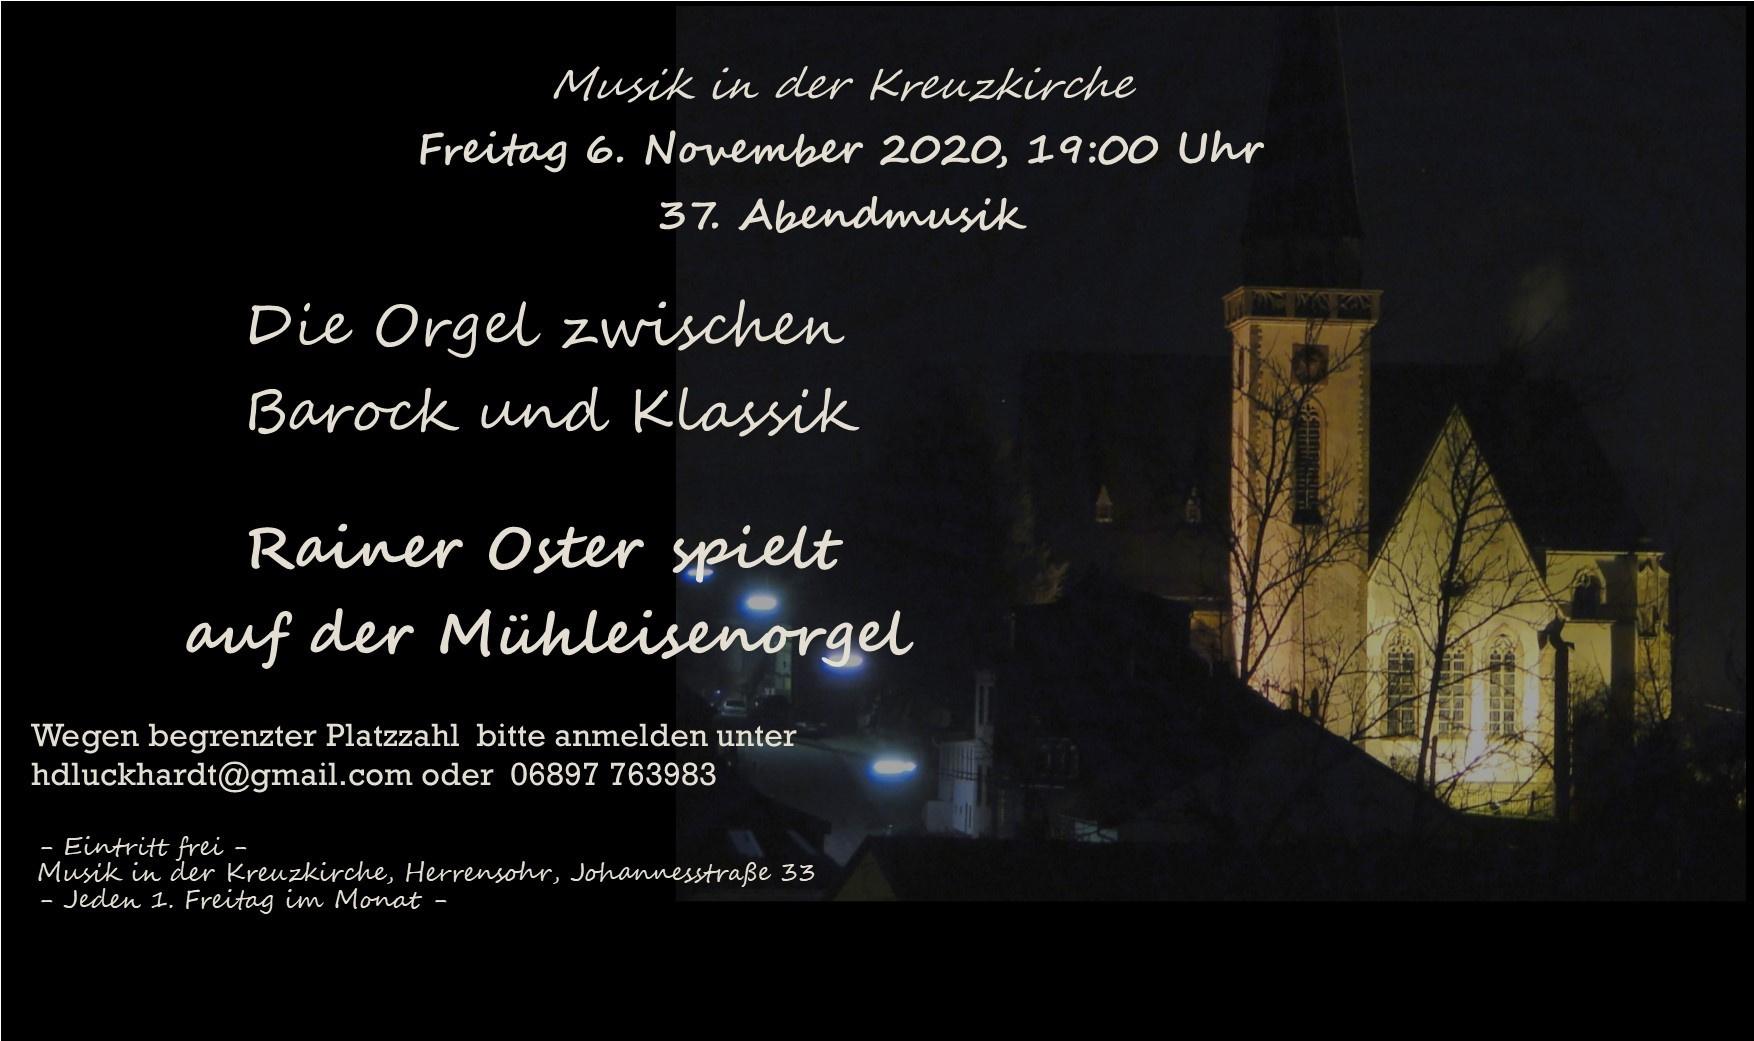 Auf unbestimmte Zeit verschoben: 37. Abendmusik: Die Orgel zwischen Barock und Klassik